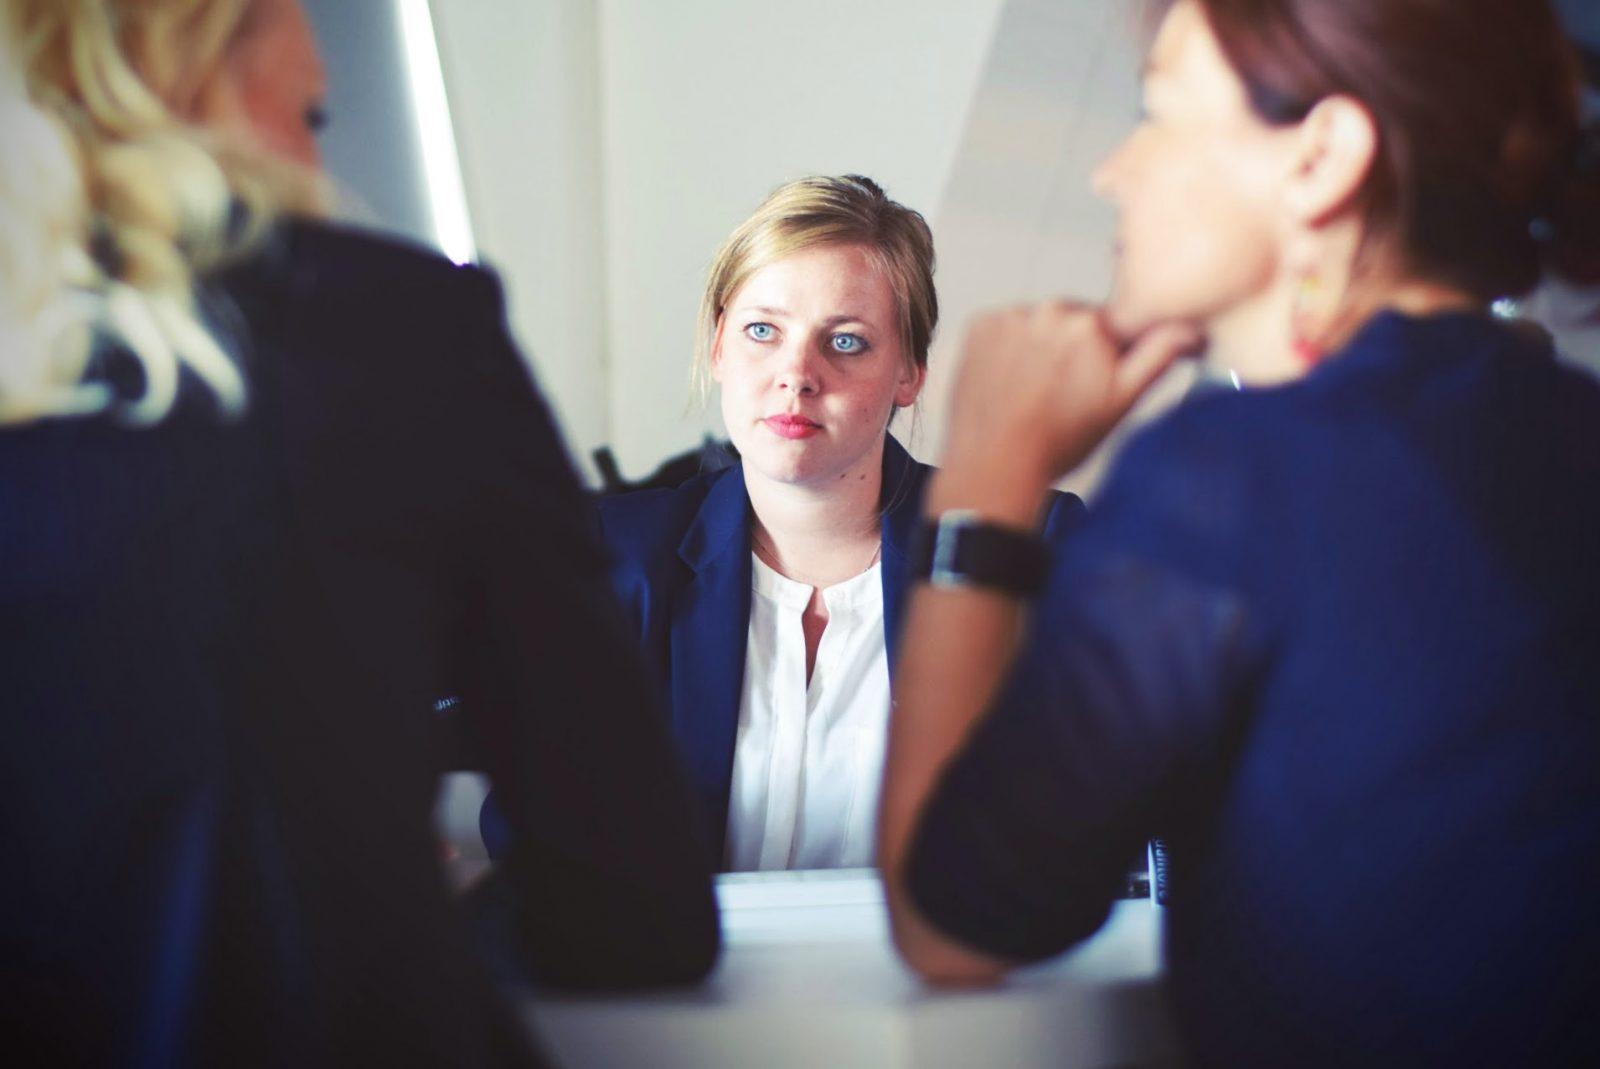 bwki71ap y8 - Dicas Profissionais A Serem Usadas Ao Se Candidatar A Trabalhos De Nível Básico